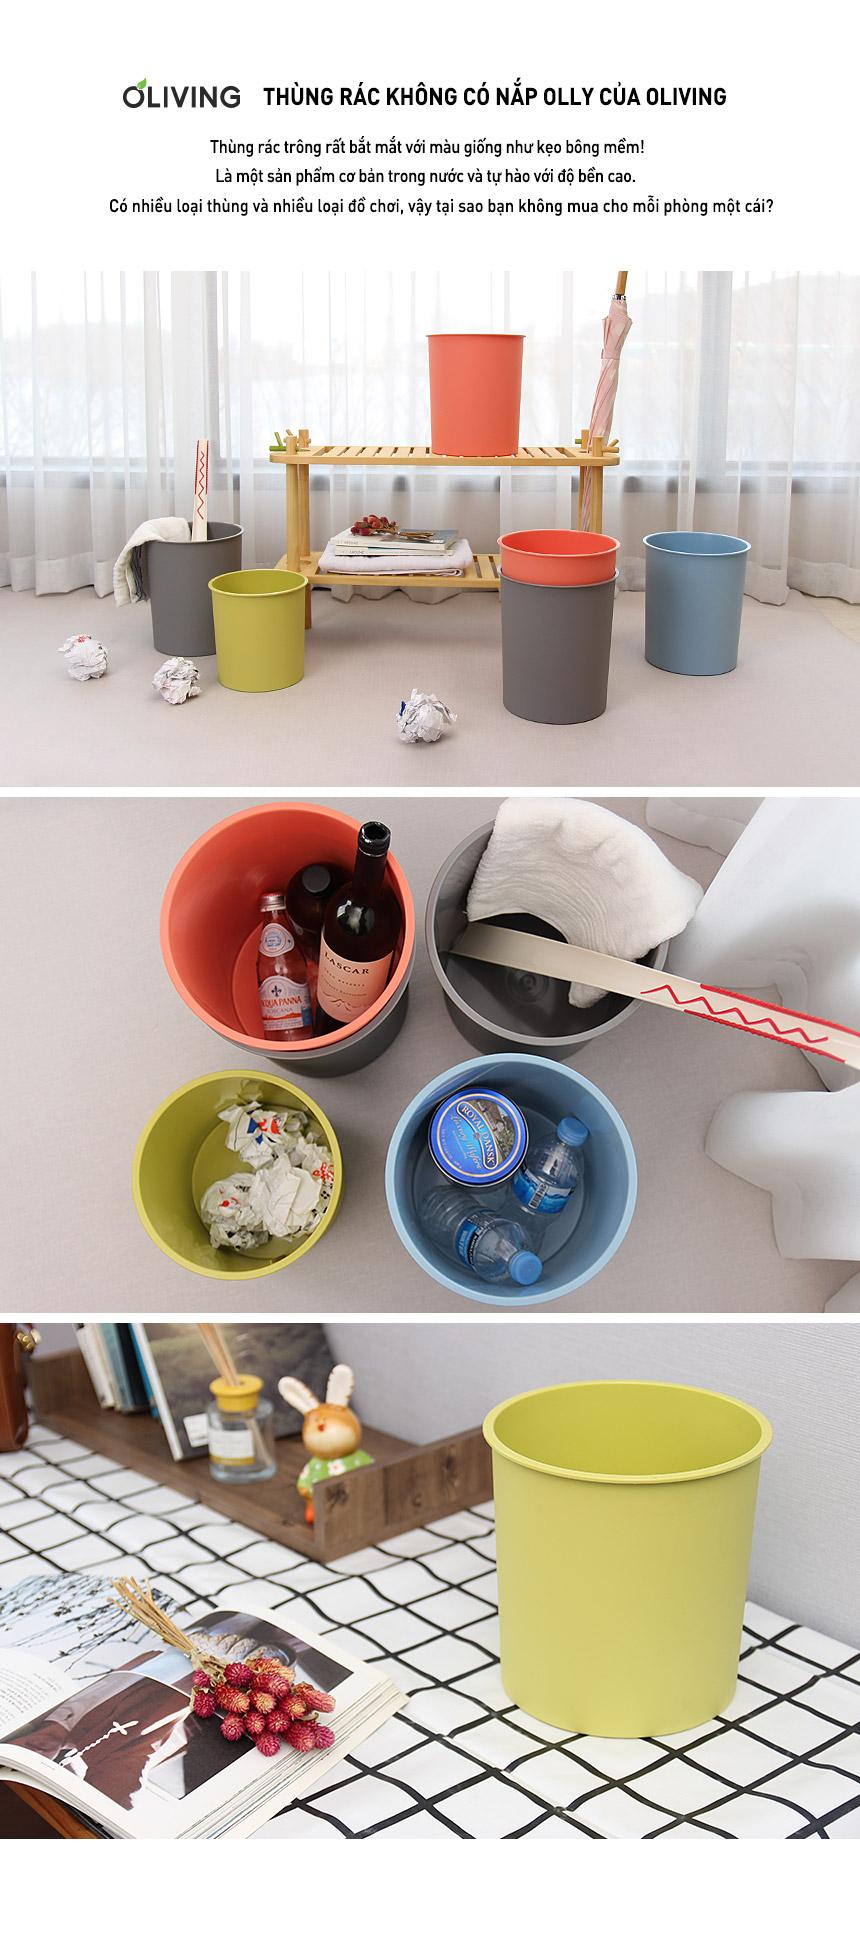 Set 2 thùng rác nhựa không nắp Oliving 6L